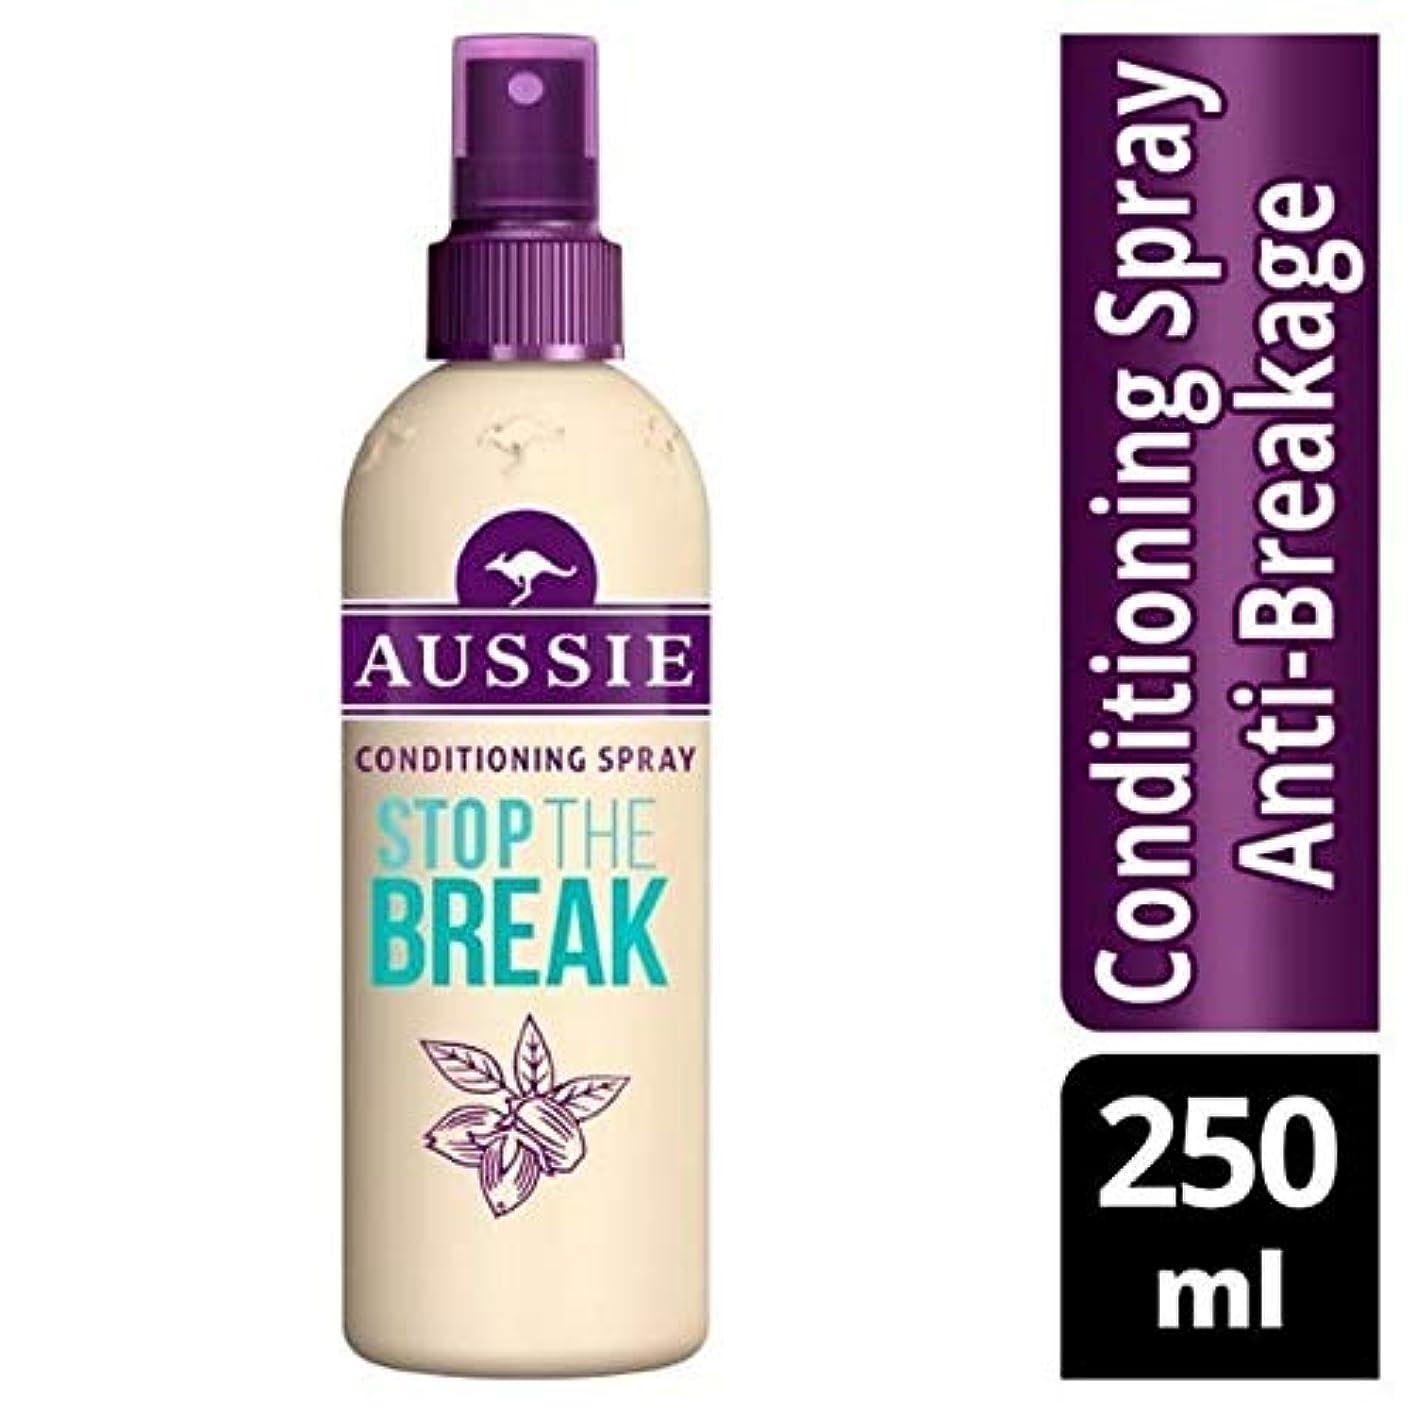 リーズ永久にぜいたく[Aussie ] オージーはブレーク保護&コンディショニングスプレー250ミリリットルを停止します - Aussie Stop The Break Protection & Conditioning Spray 250ml...